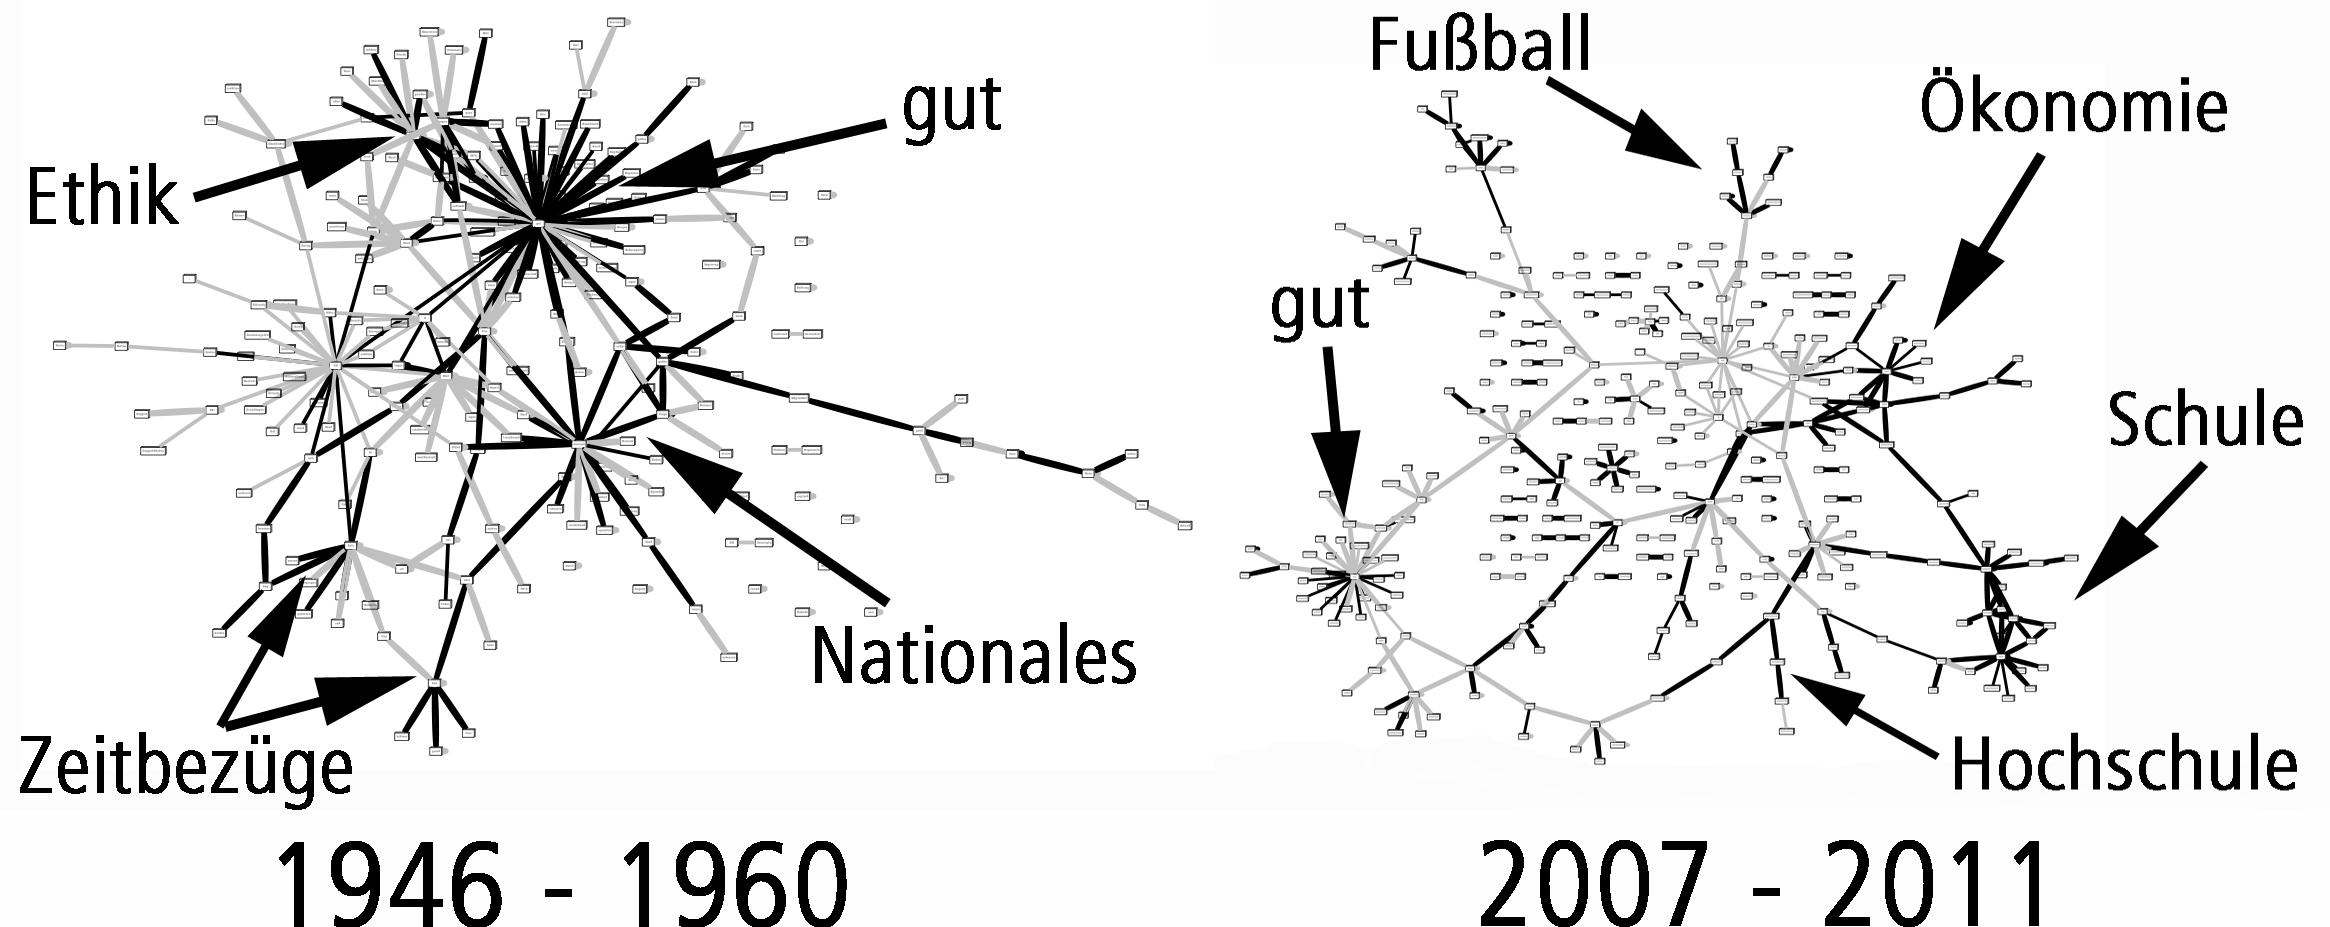 Kollokationsgraph von ZEIT-Artikeln, die den Tugendframe enthalten